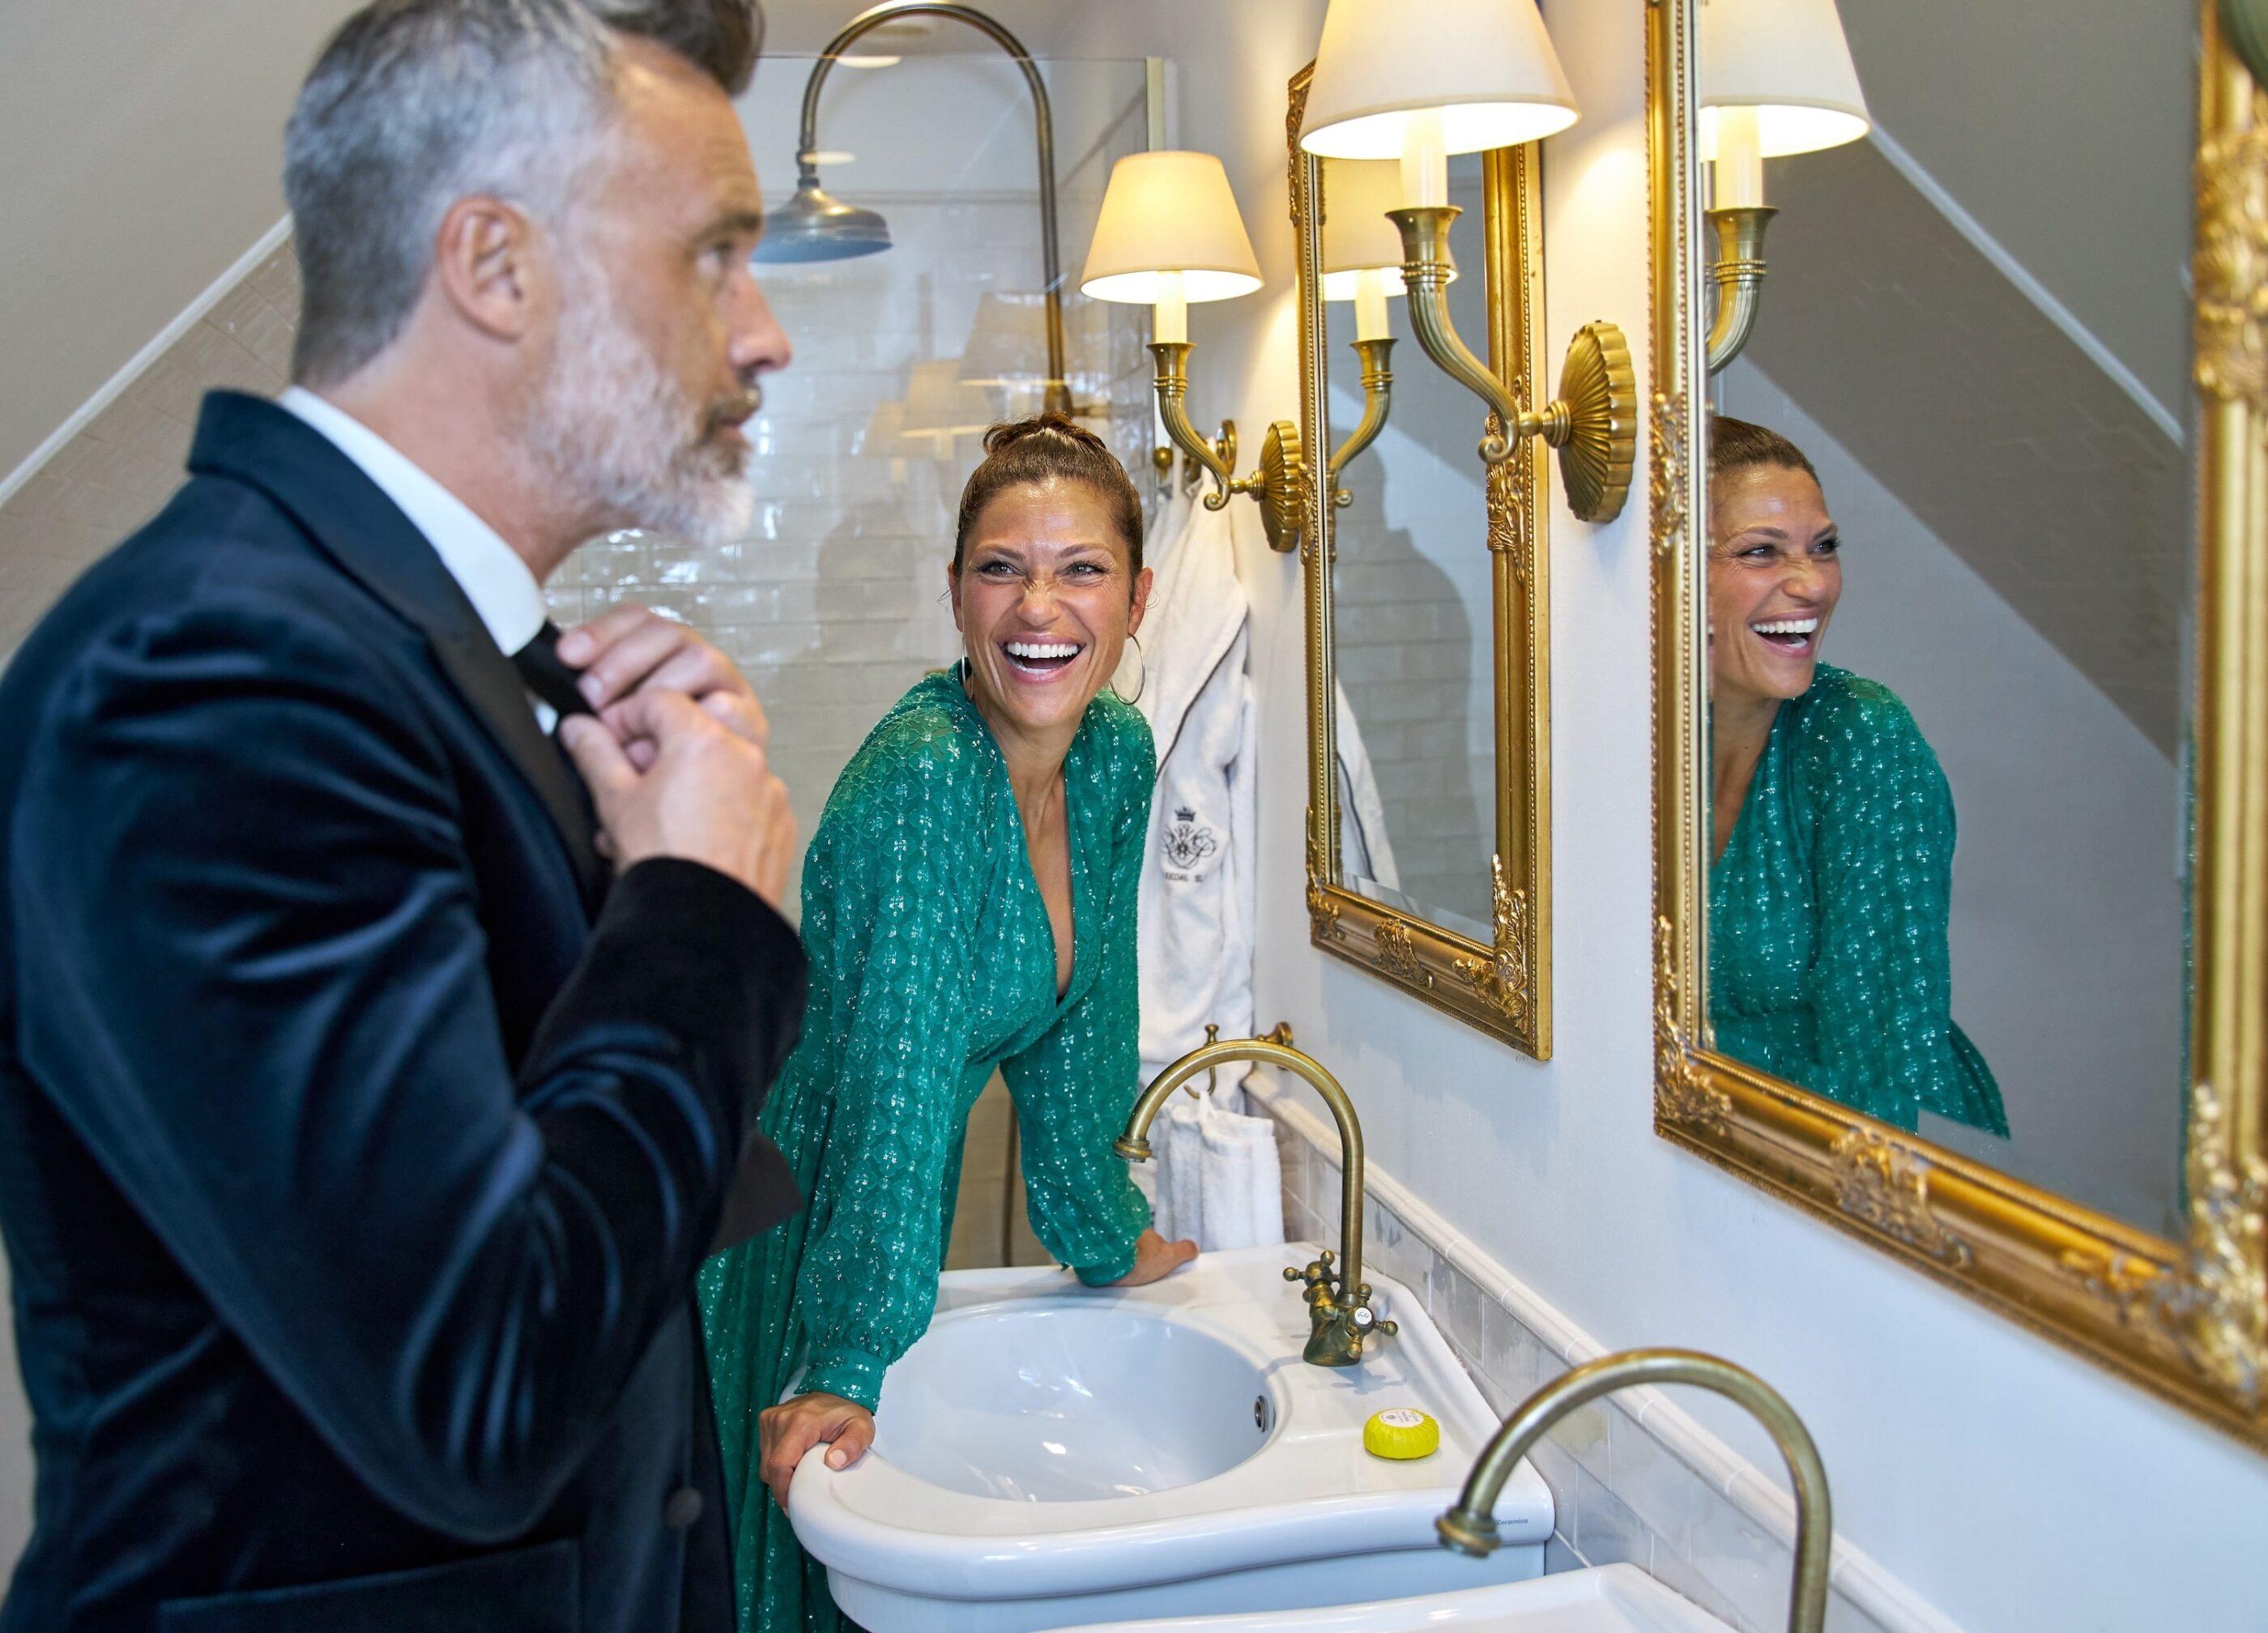 En mand gør sig klar i badeværelset foran spejlet og fikser sin butterfly mens en kvinde i grøn kjole griner